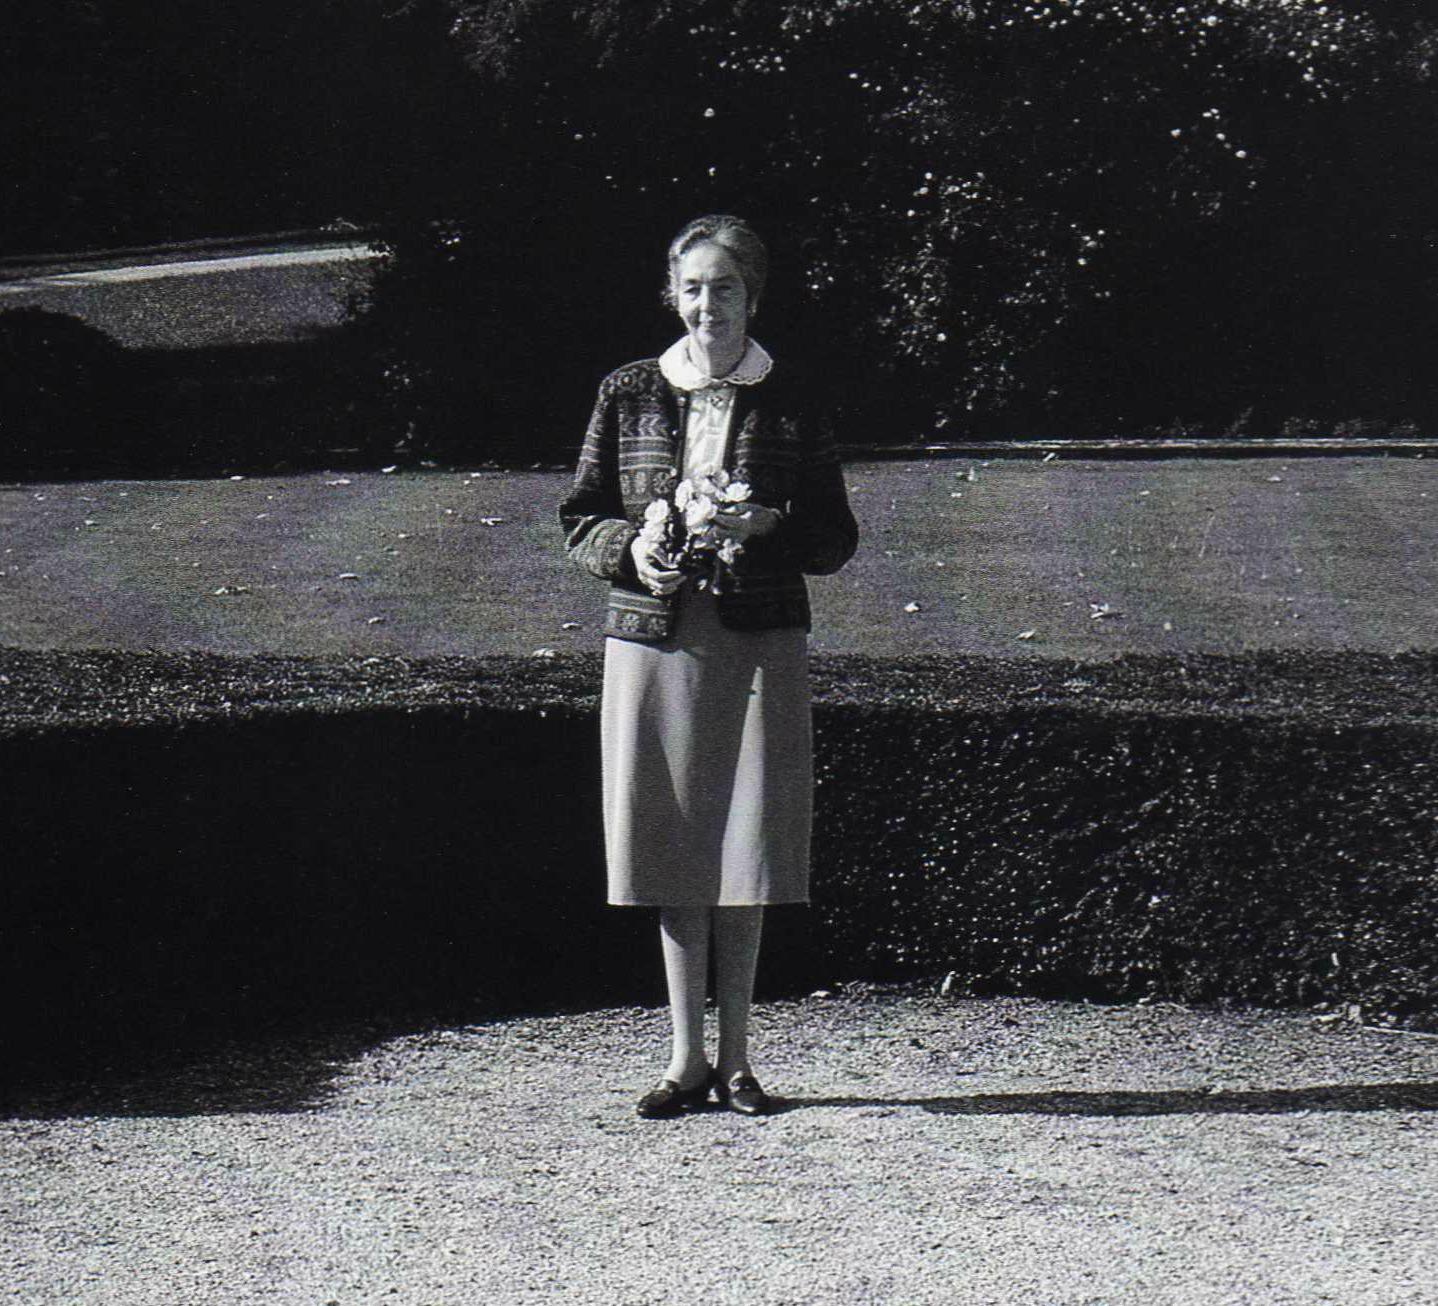 Tuinvedettes uit GJ. Deunk's archief – Gravin Michel d'Ursel